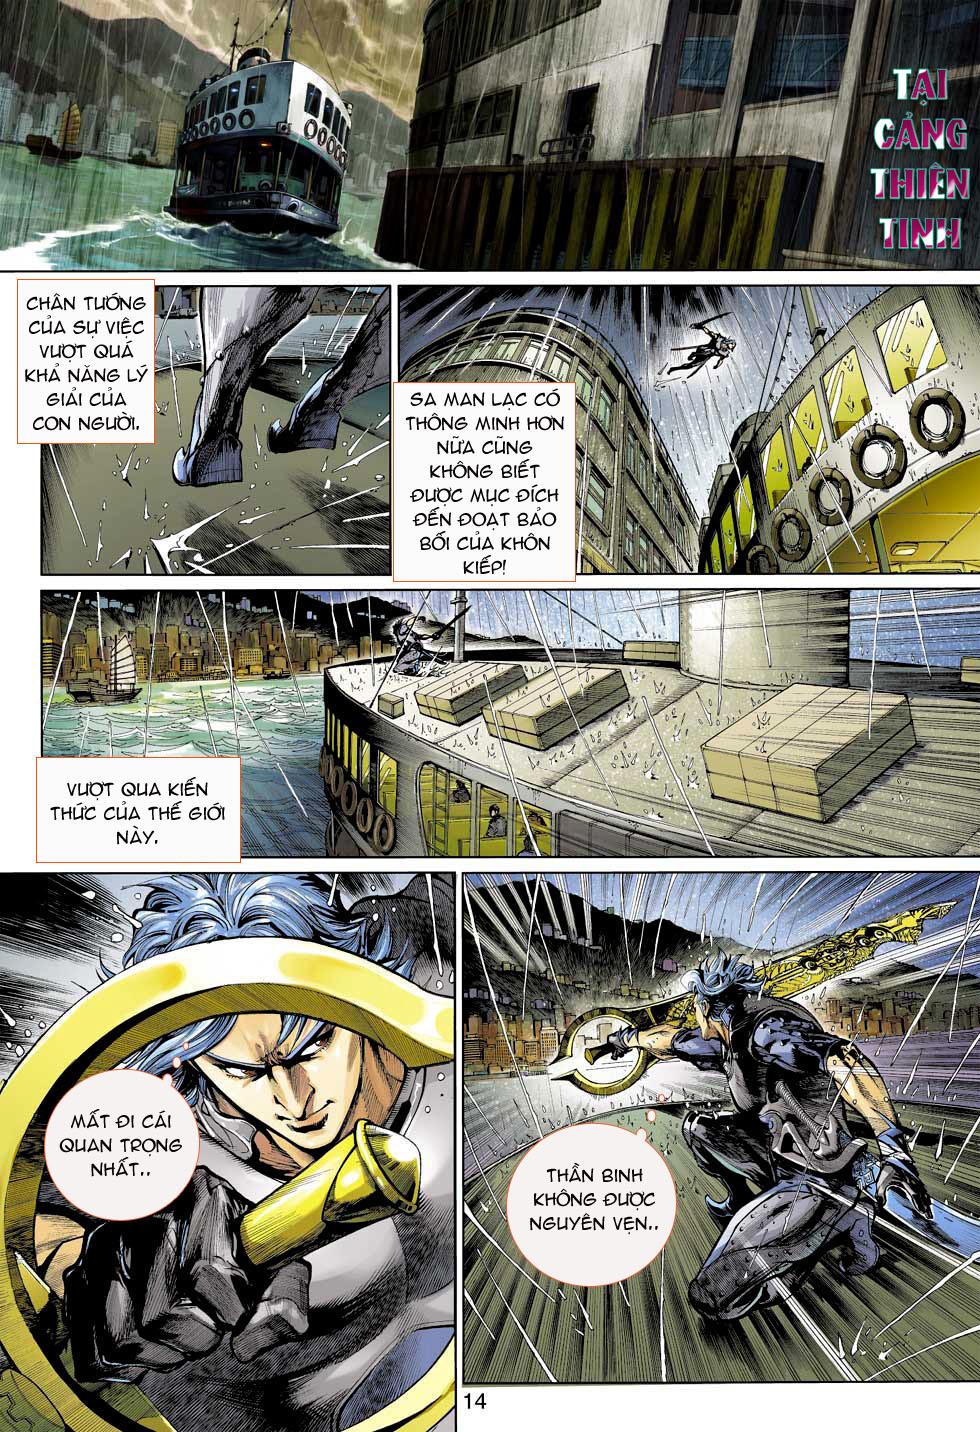 Thần Binh 4 chap 3 - Trang 14